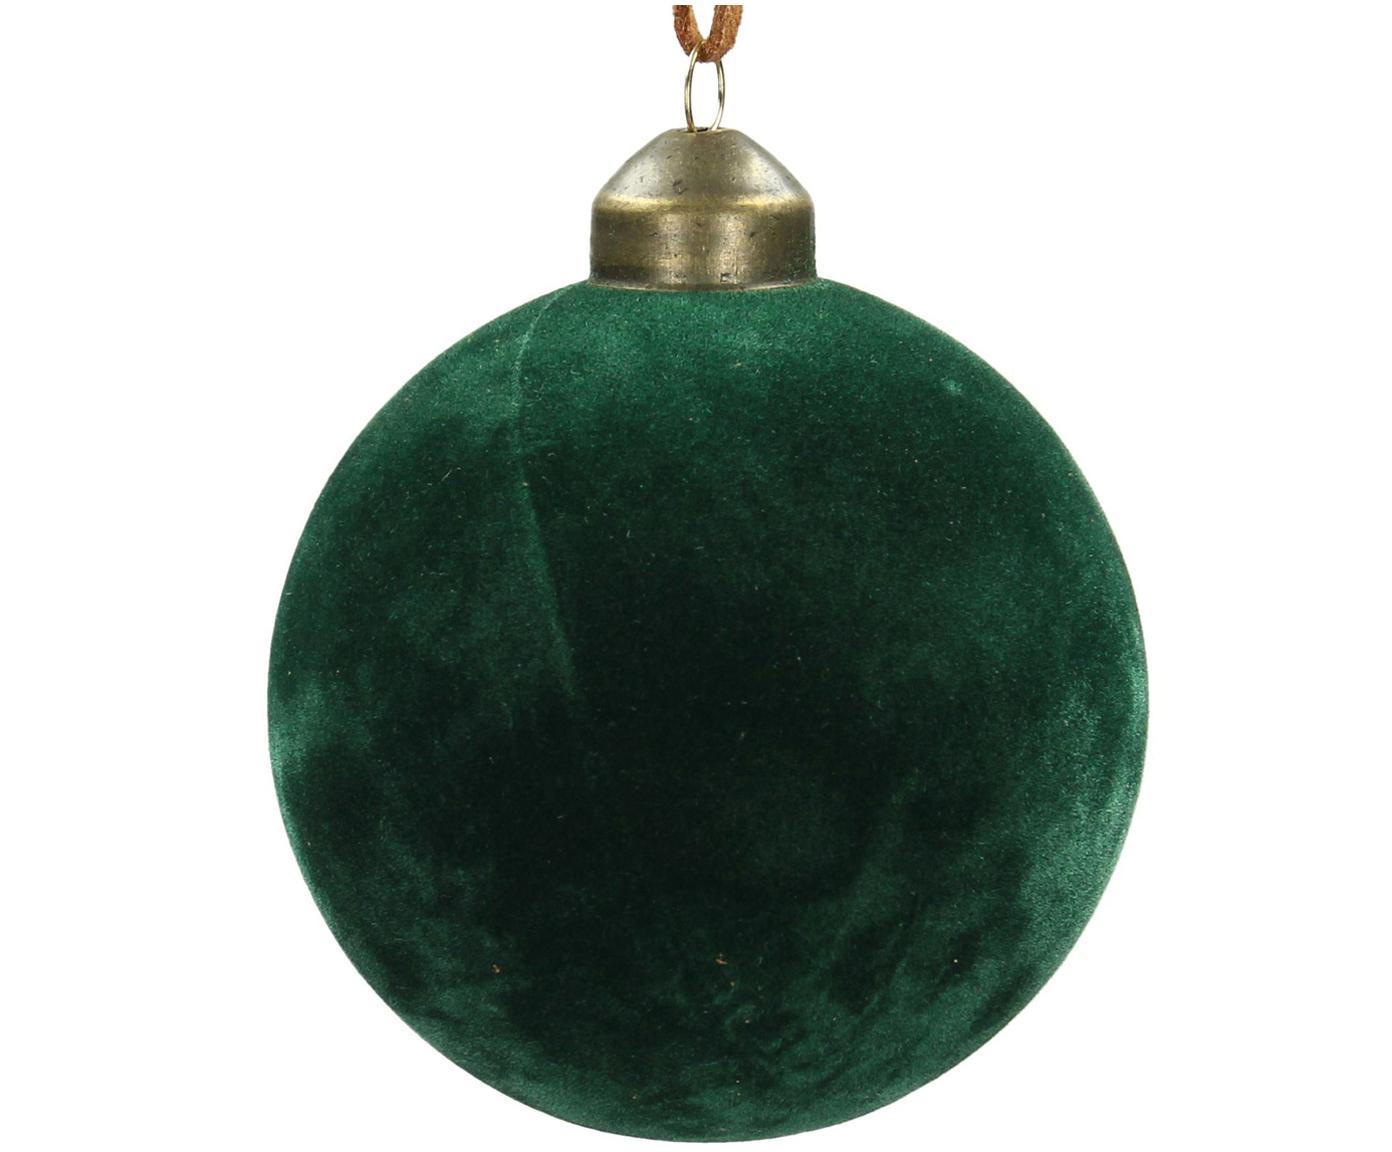 Weihnachtskugeln Velvet Ø8cm, 4Stück, Glas, Polyestersamt, Tannengrün, Ø 8 cm